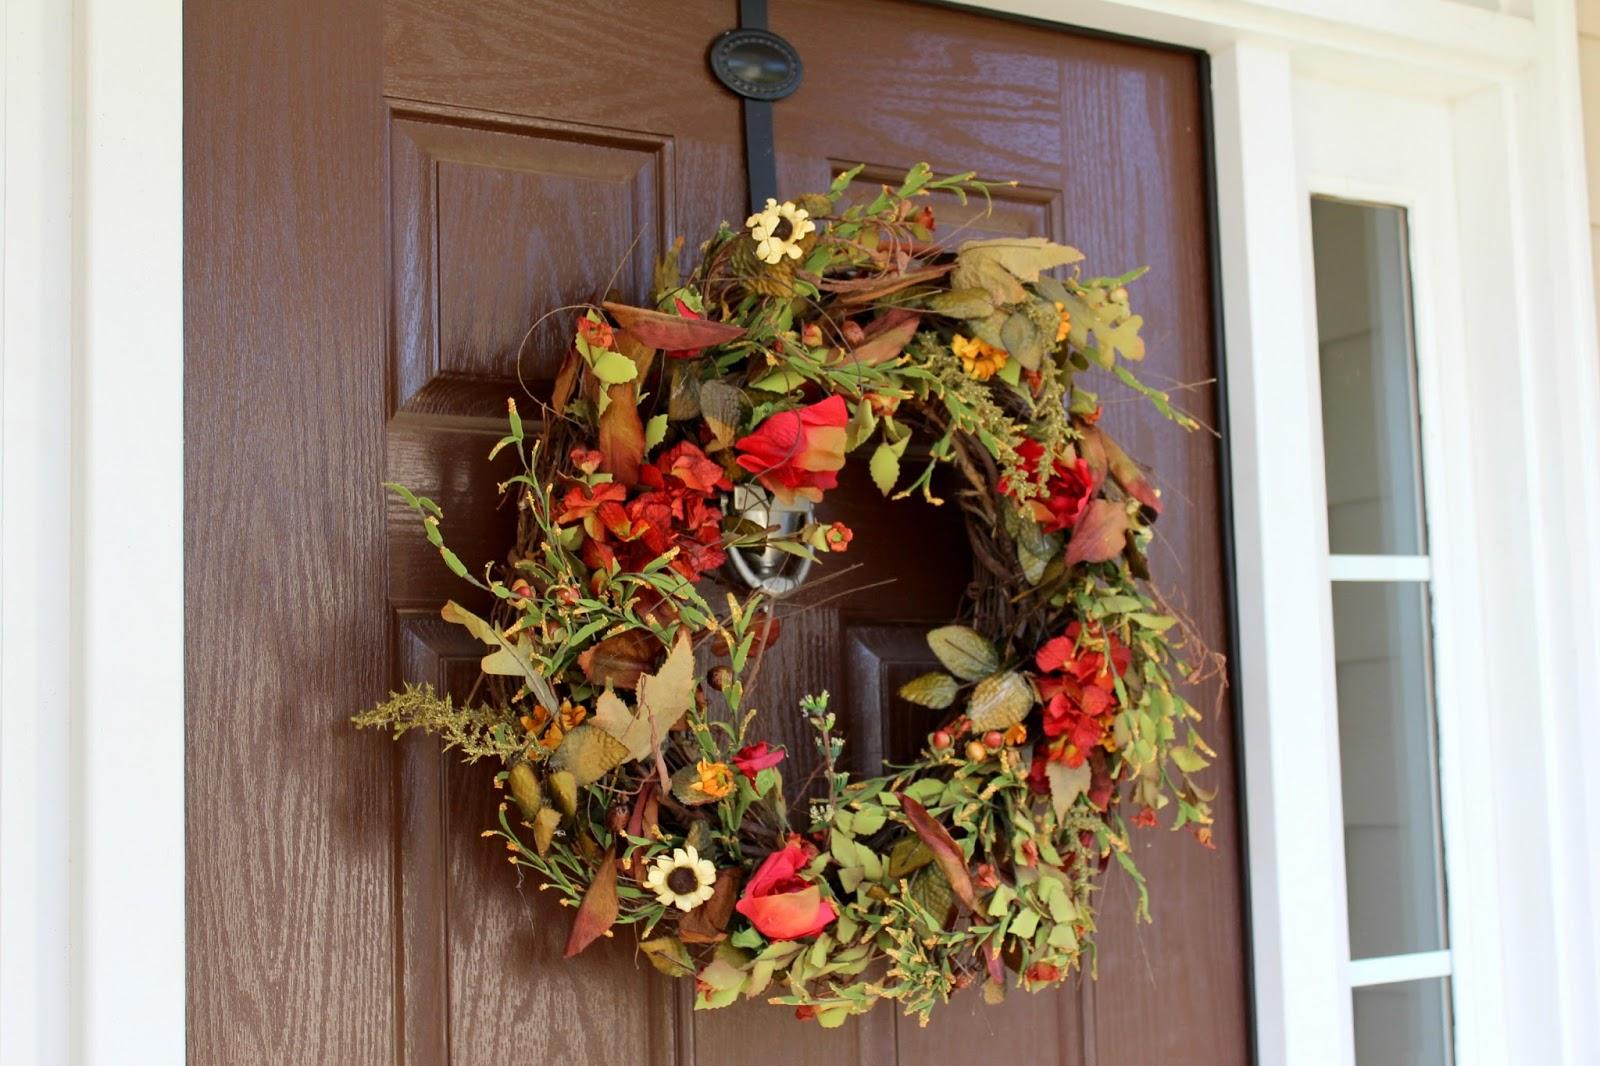 Ten June: A Natural Fall Front Door Wreath & A Wreath